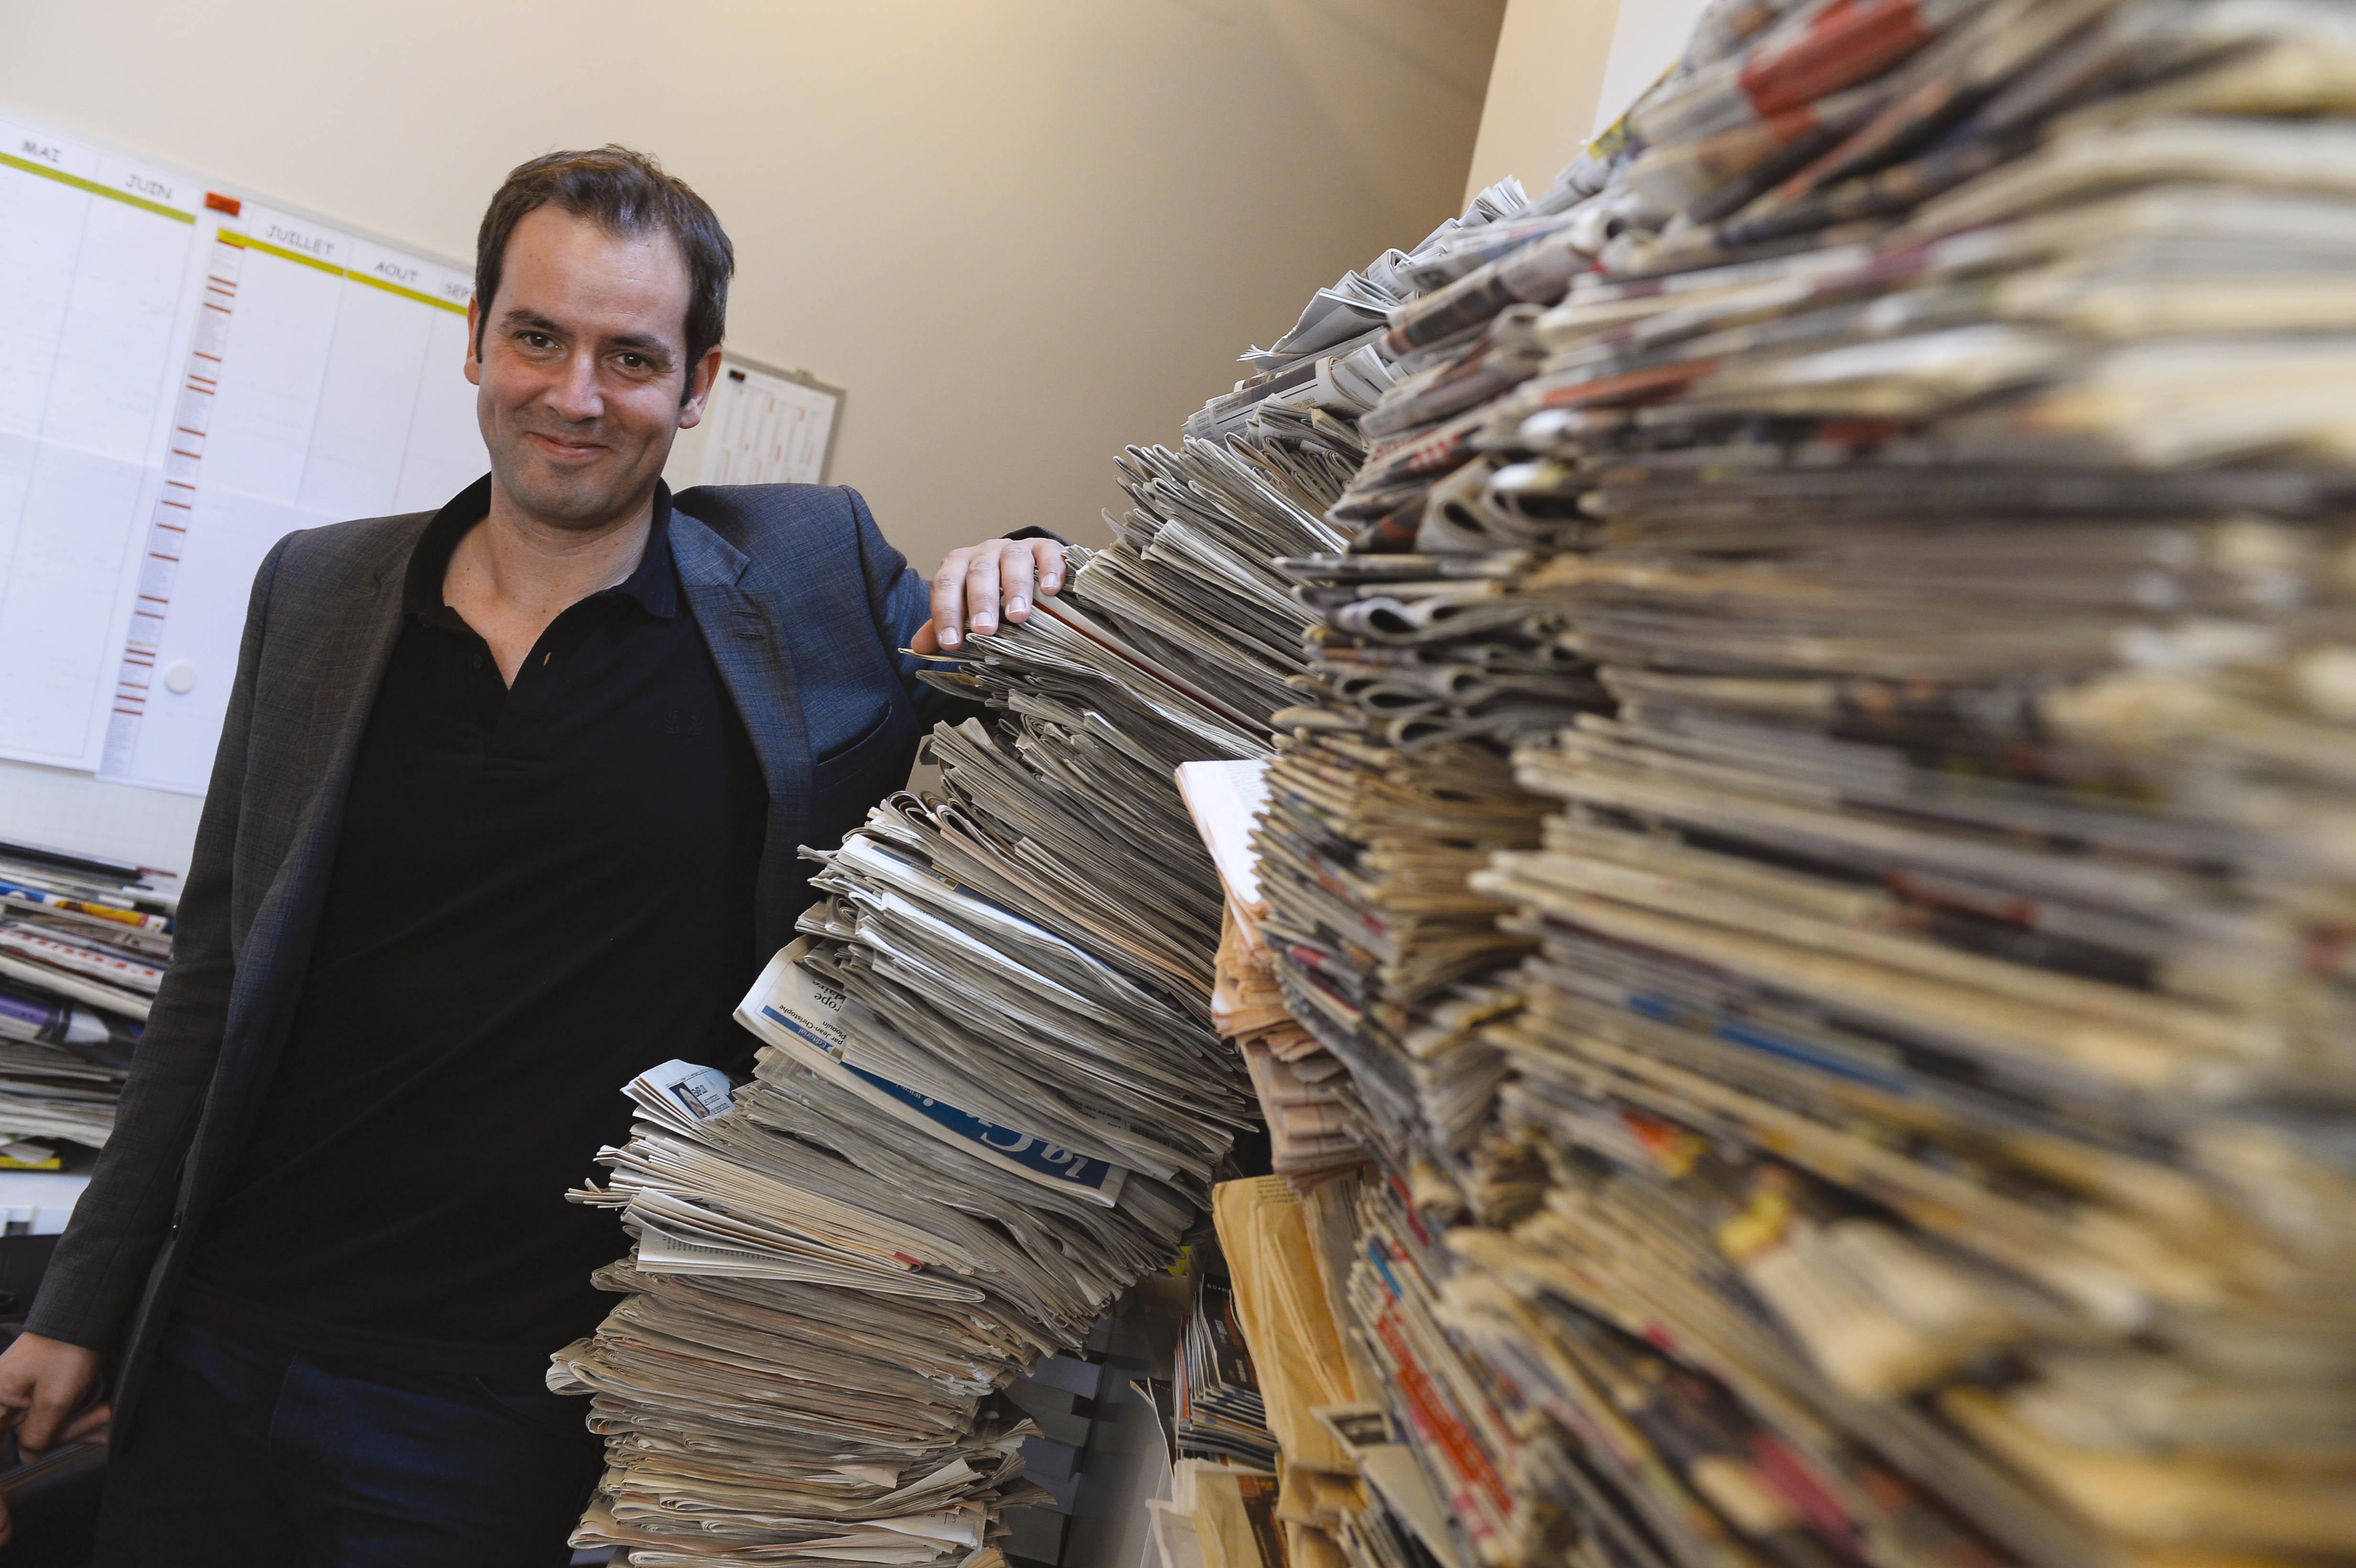 Tanguy Pastureau voulait juste s'amuser en faisant de la radio. Et le voilà sur RTL.